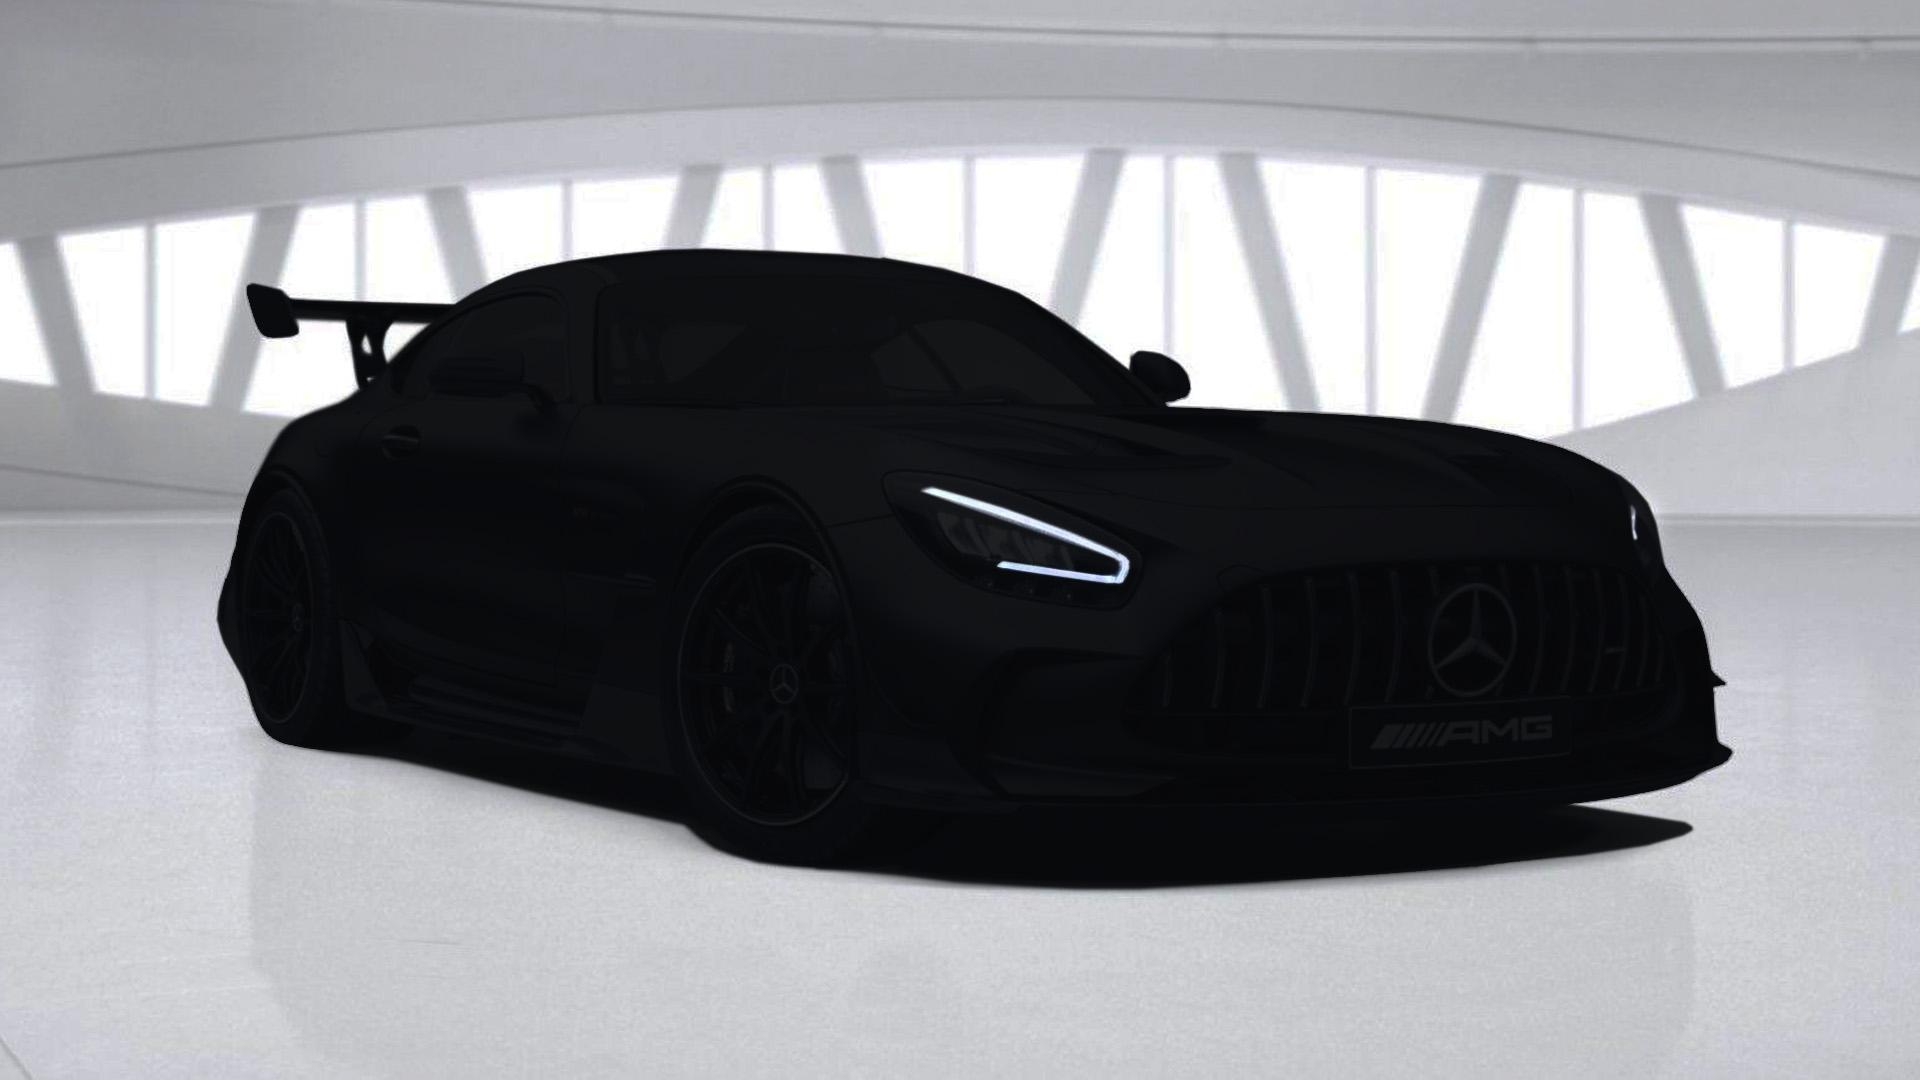 Αυτό είναι το ακριβότερο αυτοκίνητο της ελληνικής αγοράς! (video)